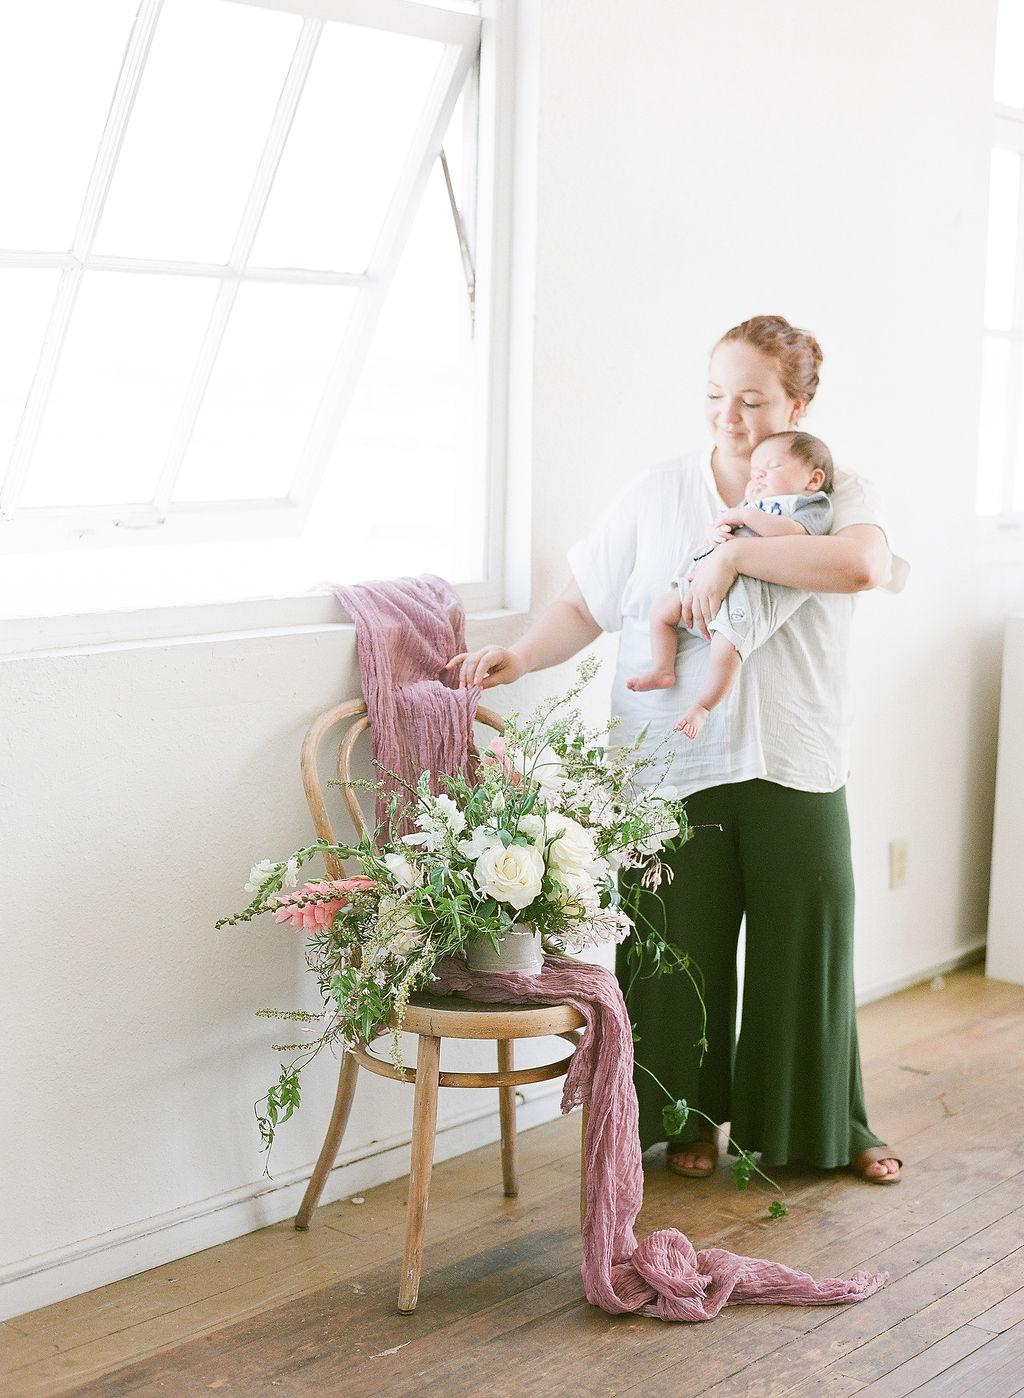 Mom entrepreneur goals: having the best little assistant ever